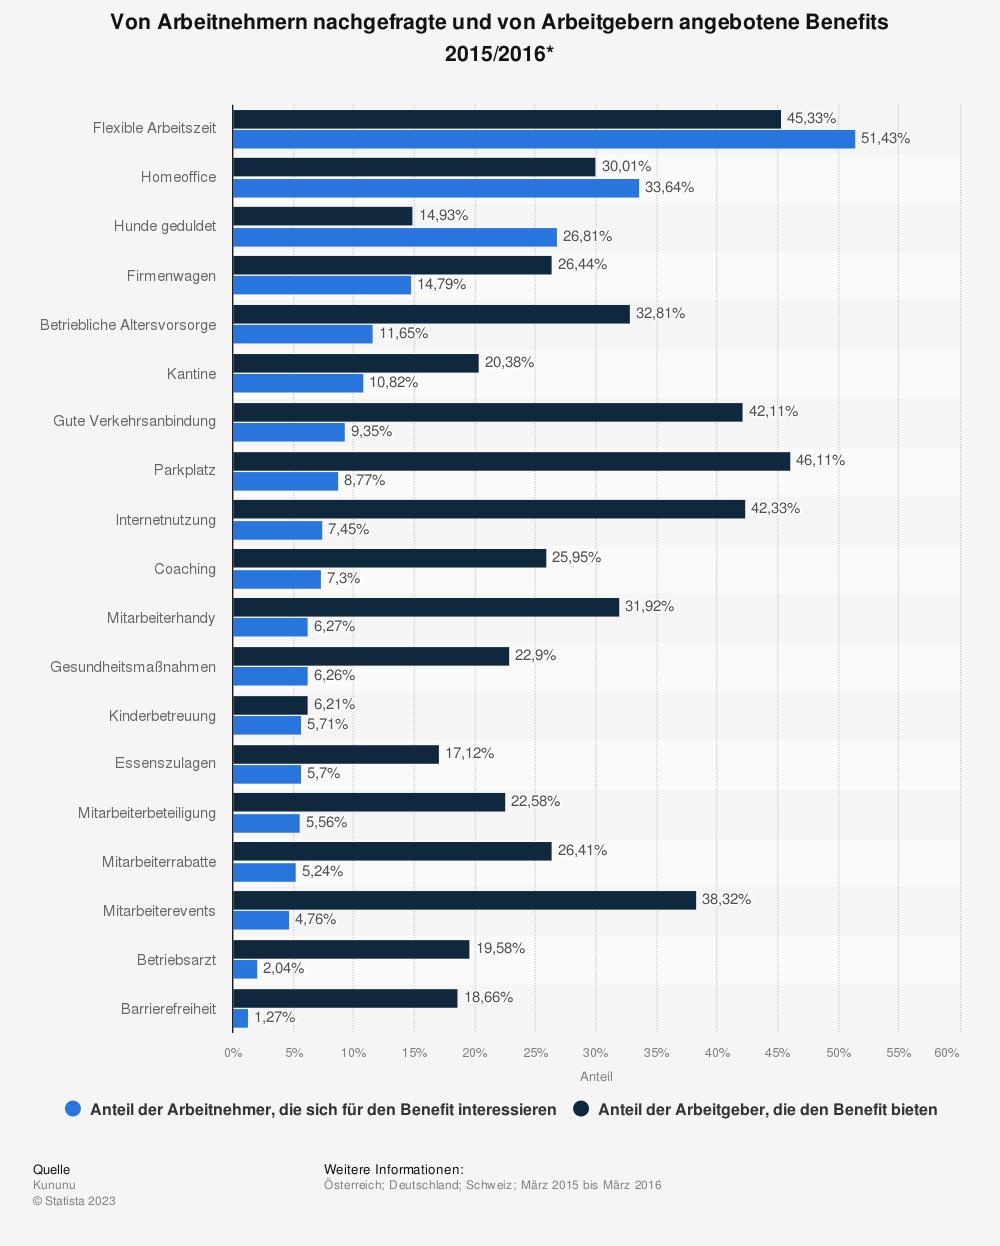 Statistik: Von Arbeitnehmern nachgefragte und von Arbeitgebern angebotene Benefits 2015/2016* | Statista